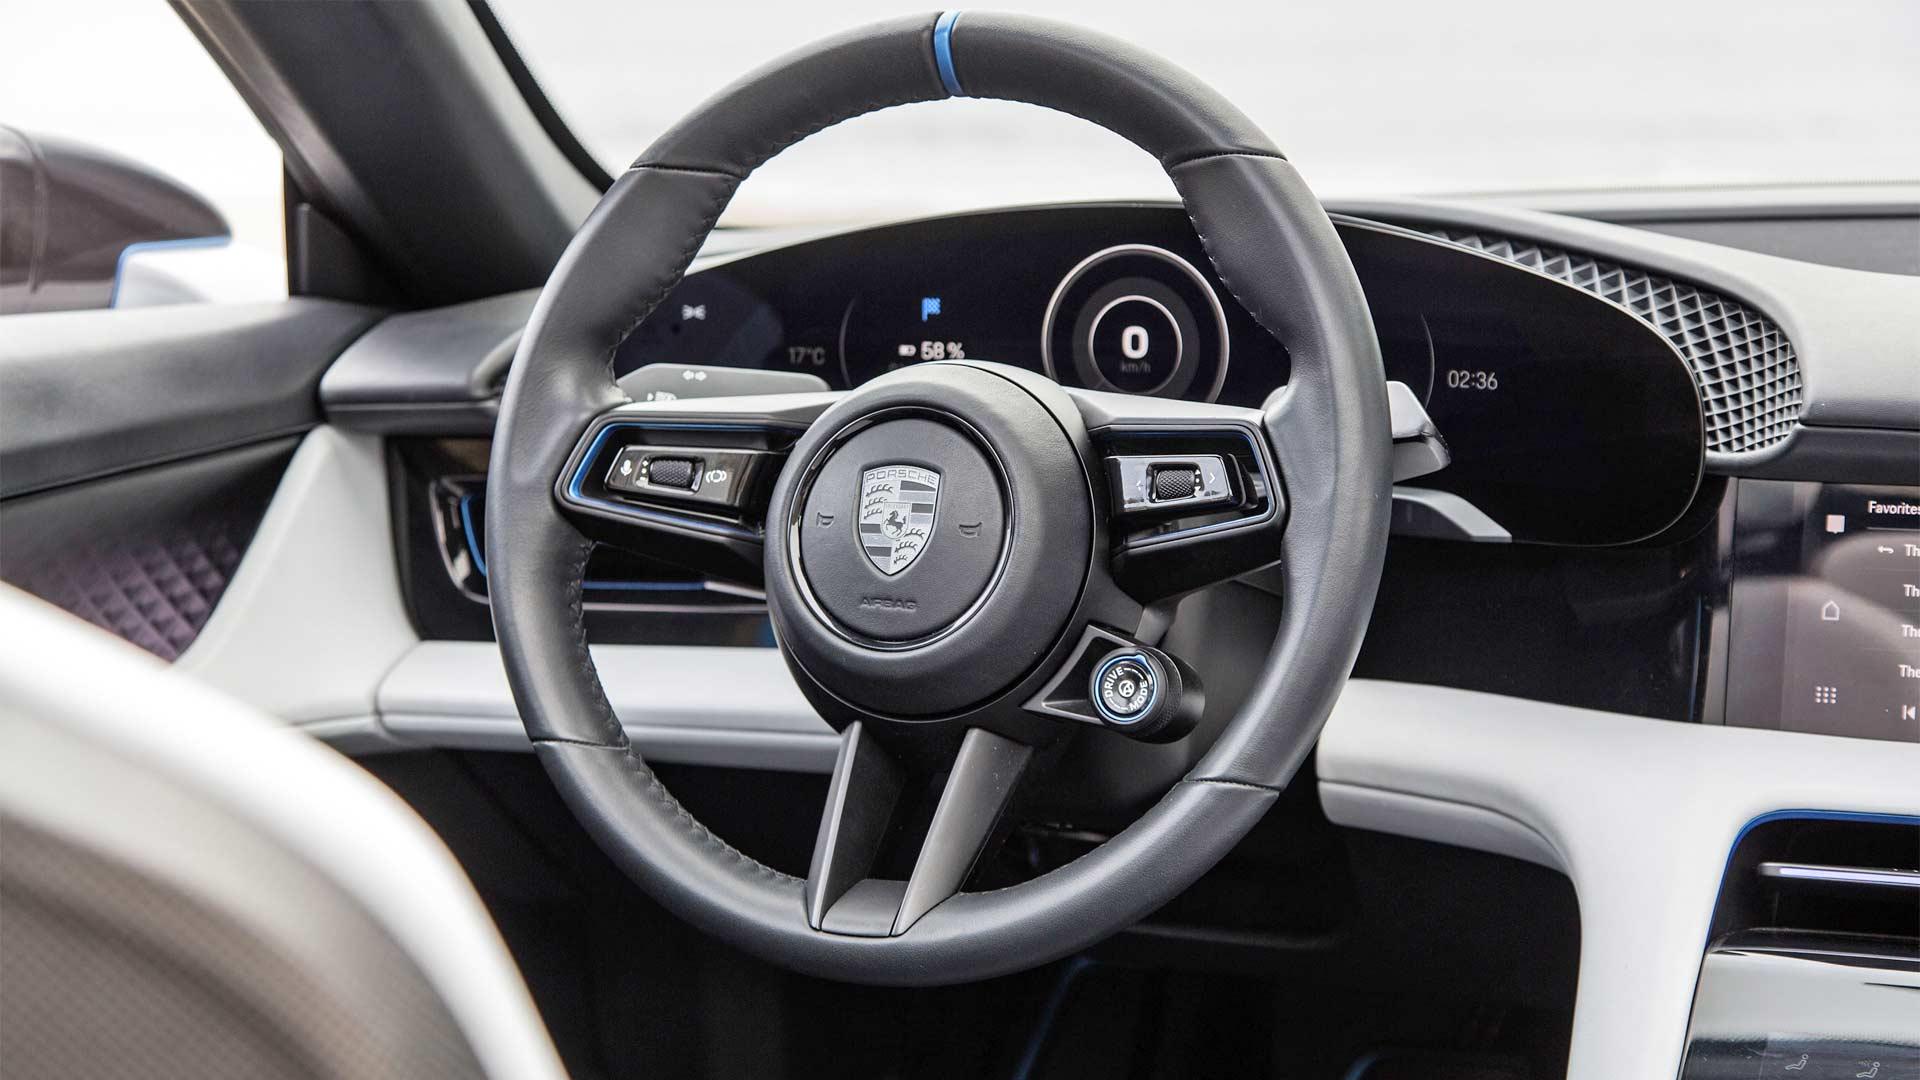 Porsche-Mission-E-Cross-Turismo-Interior-2018-California